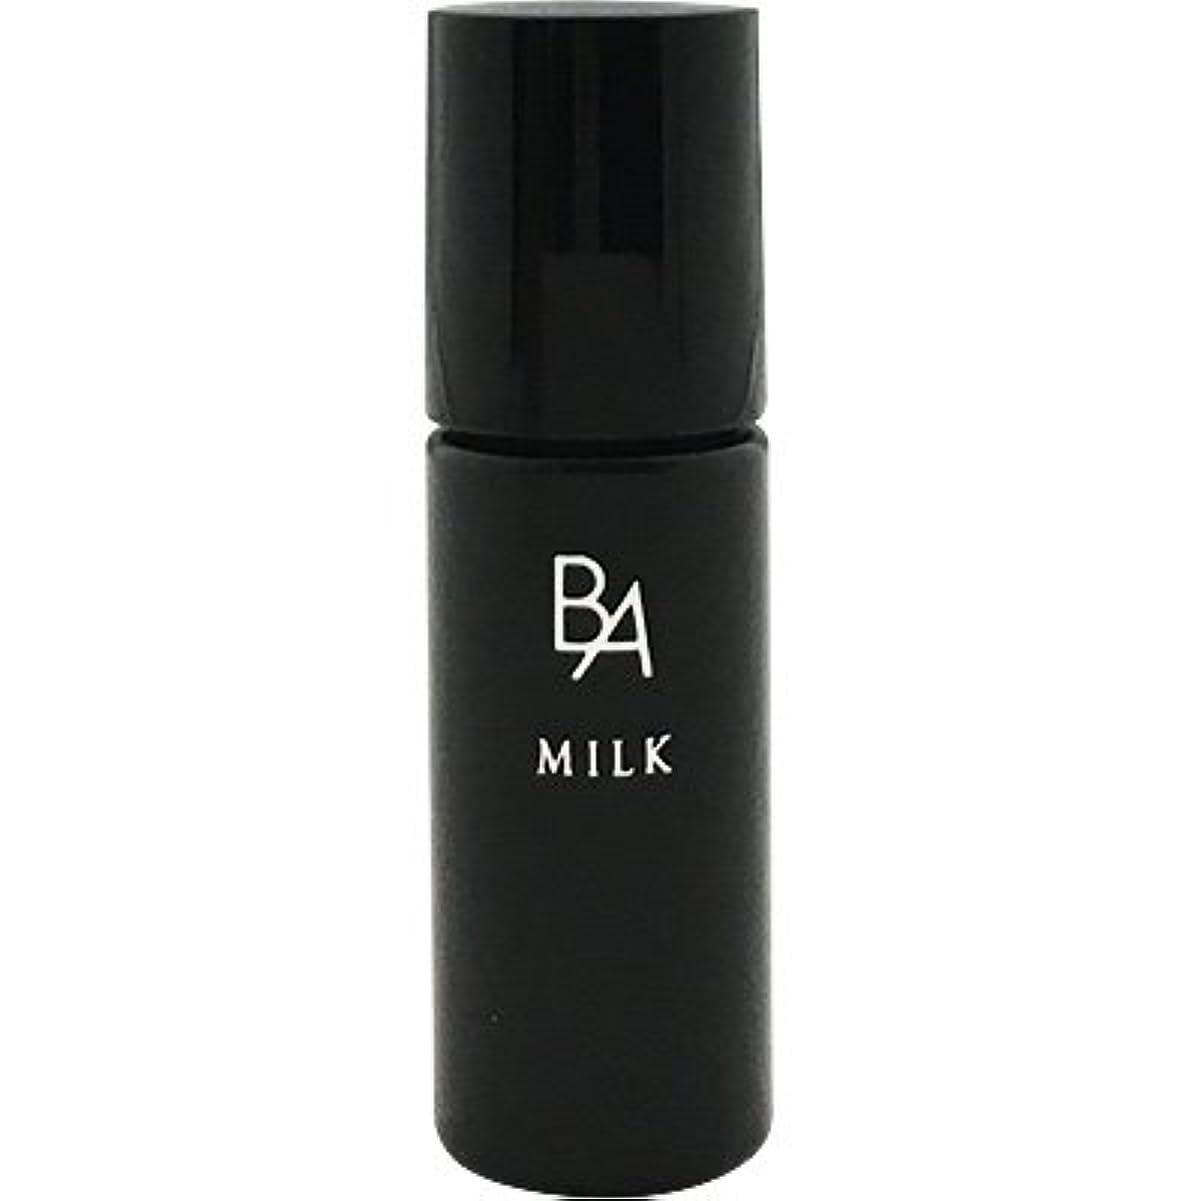 事実バルセロナ息苦しいポーラ?B.A ミルク ミニ 8ml (乳液) [並行輸入品]